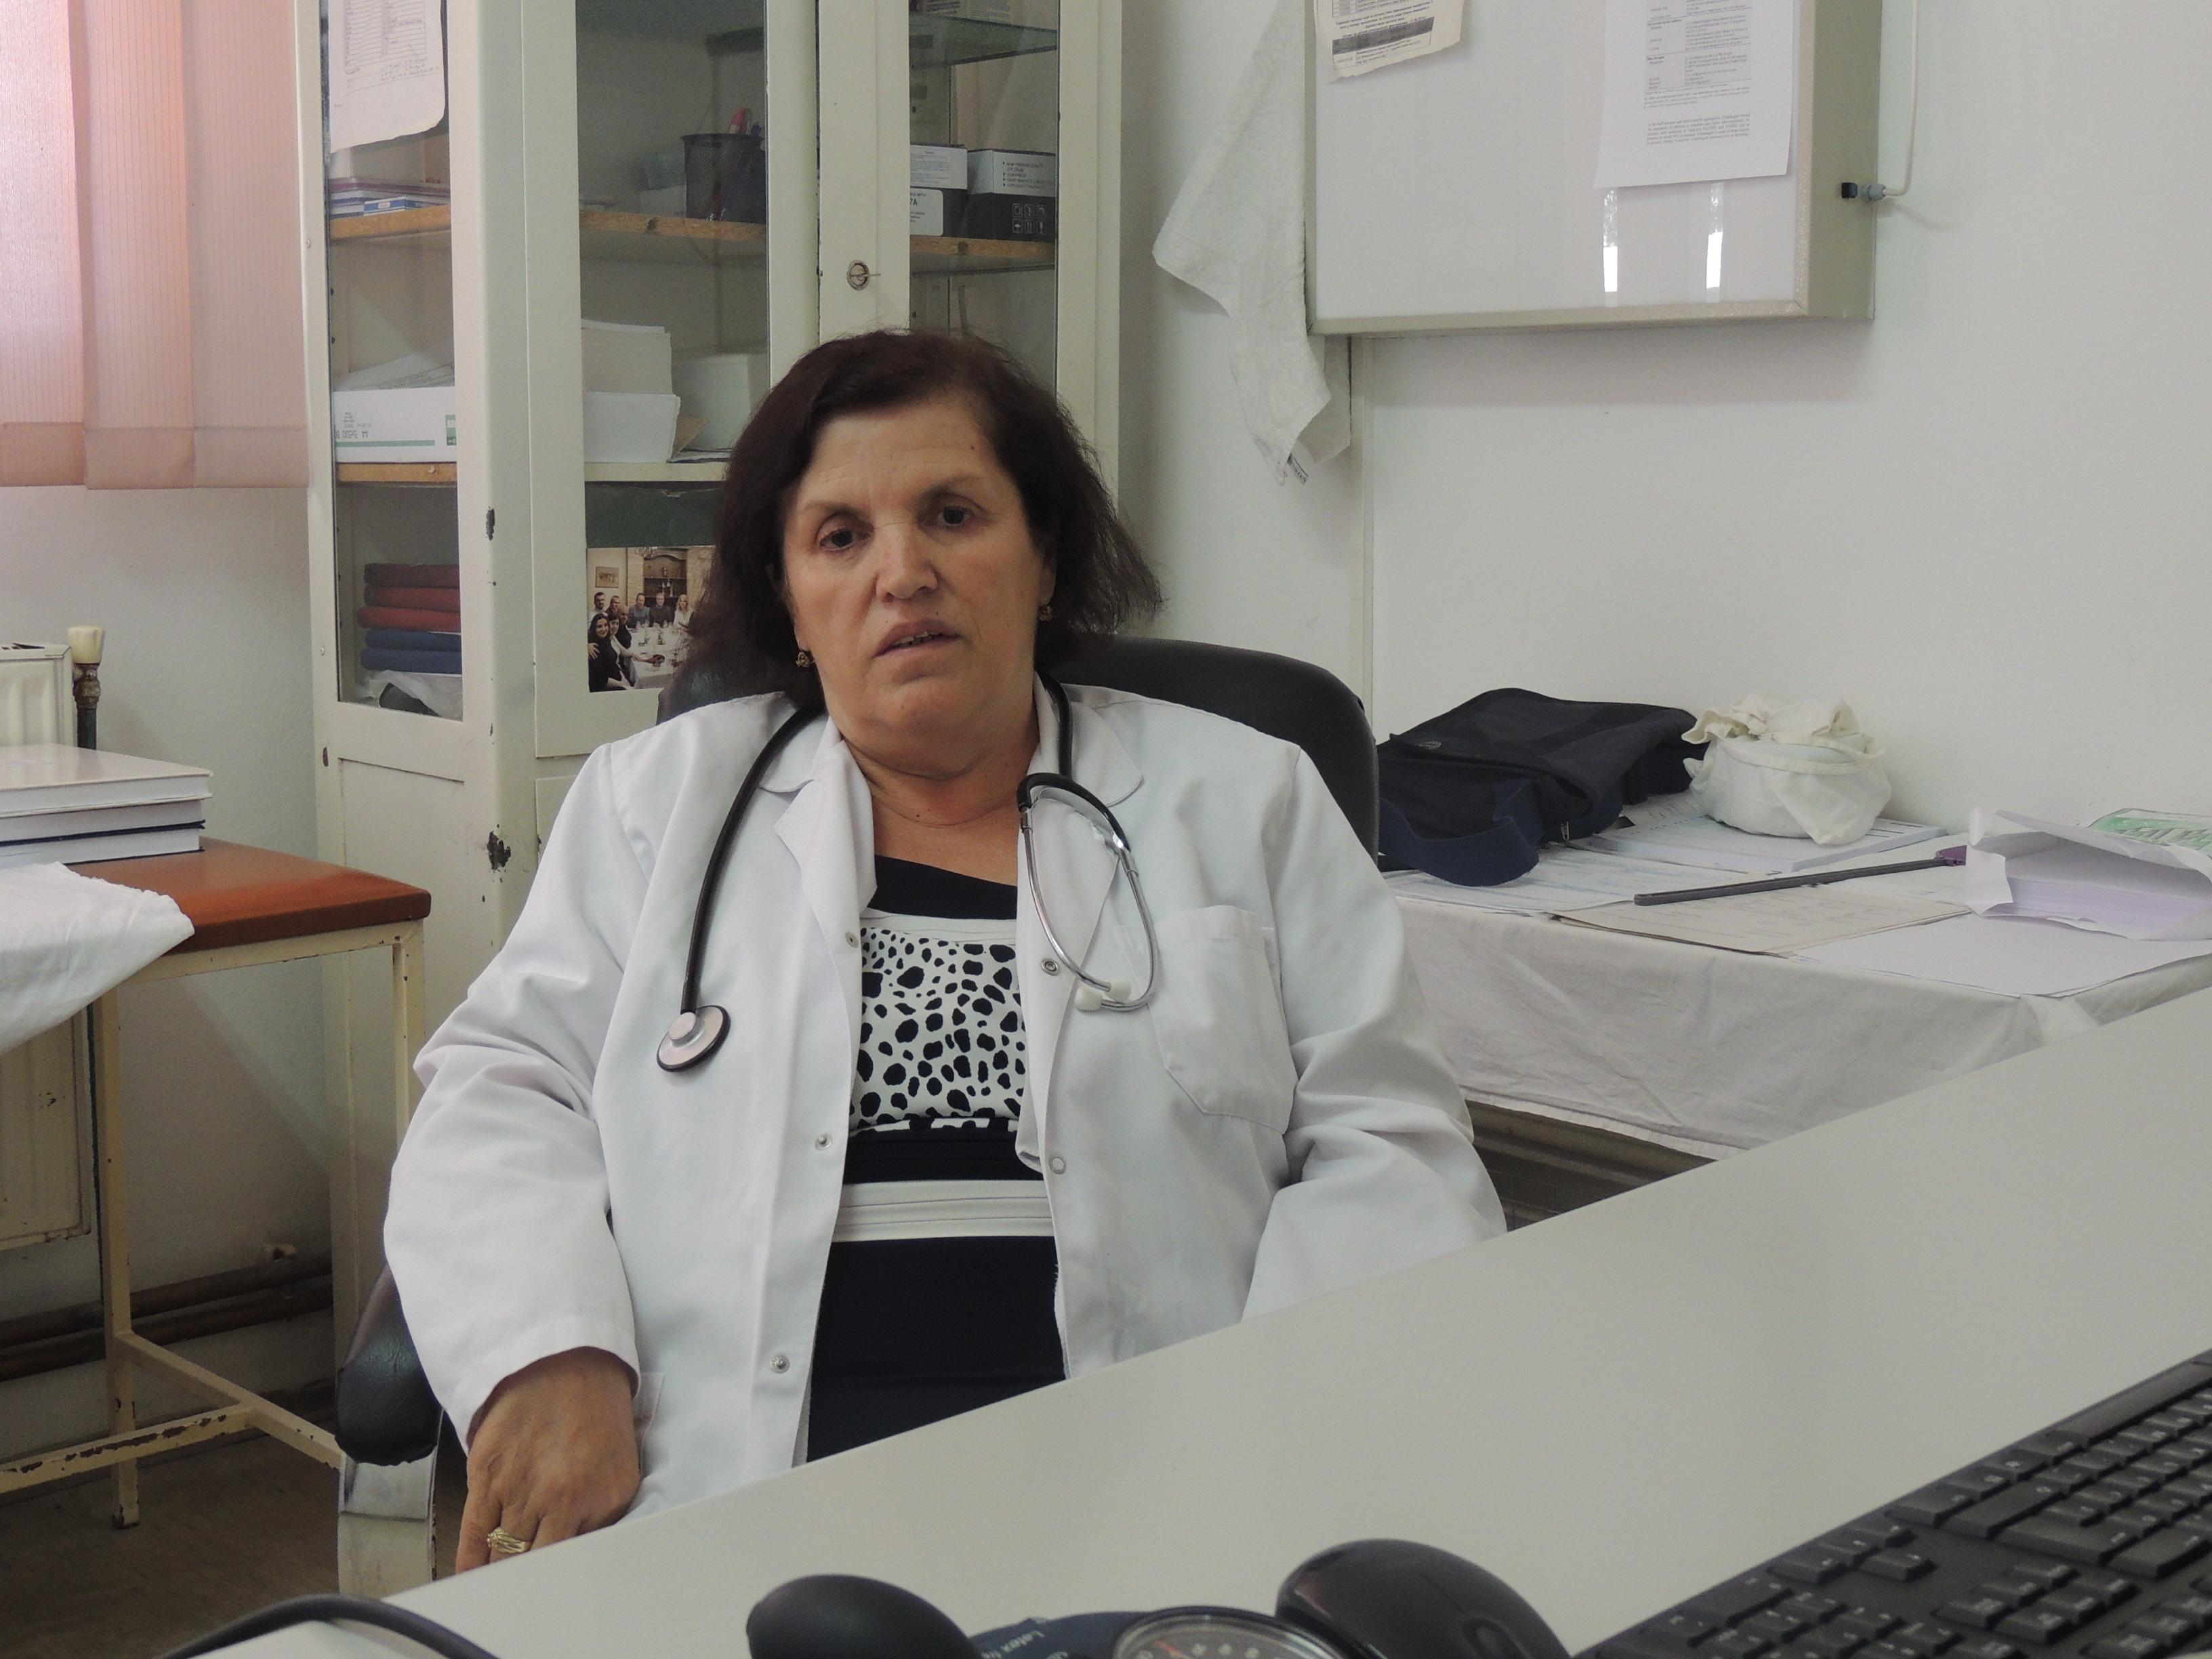 Tërnoc: Mes emocionesh dhe lotëve përcillet për në pension doktoresha Mediha Zahiri (video)